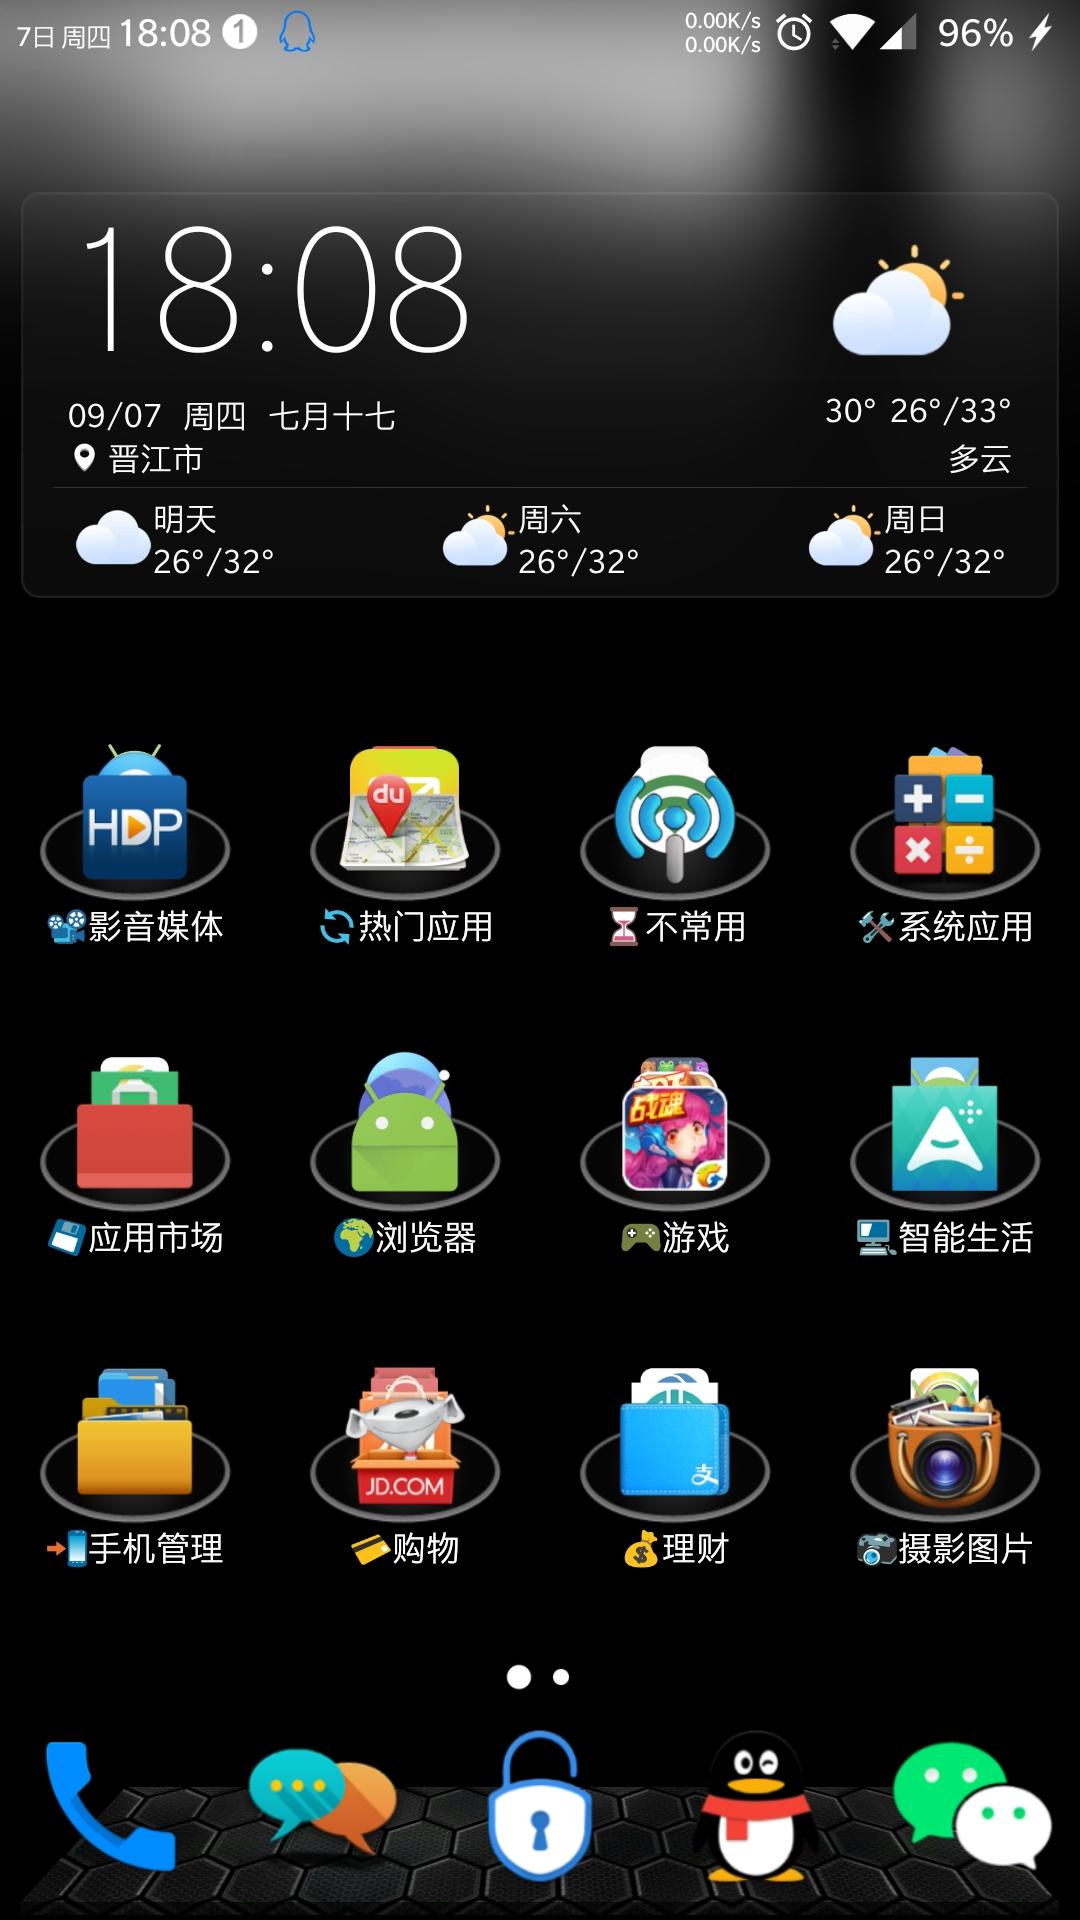 Screenshot_20170907-180845.jpg